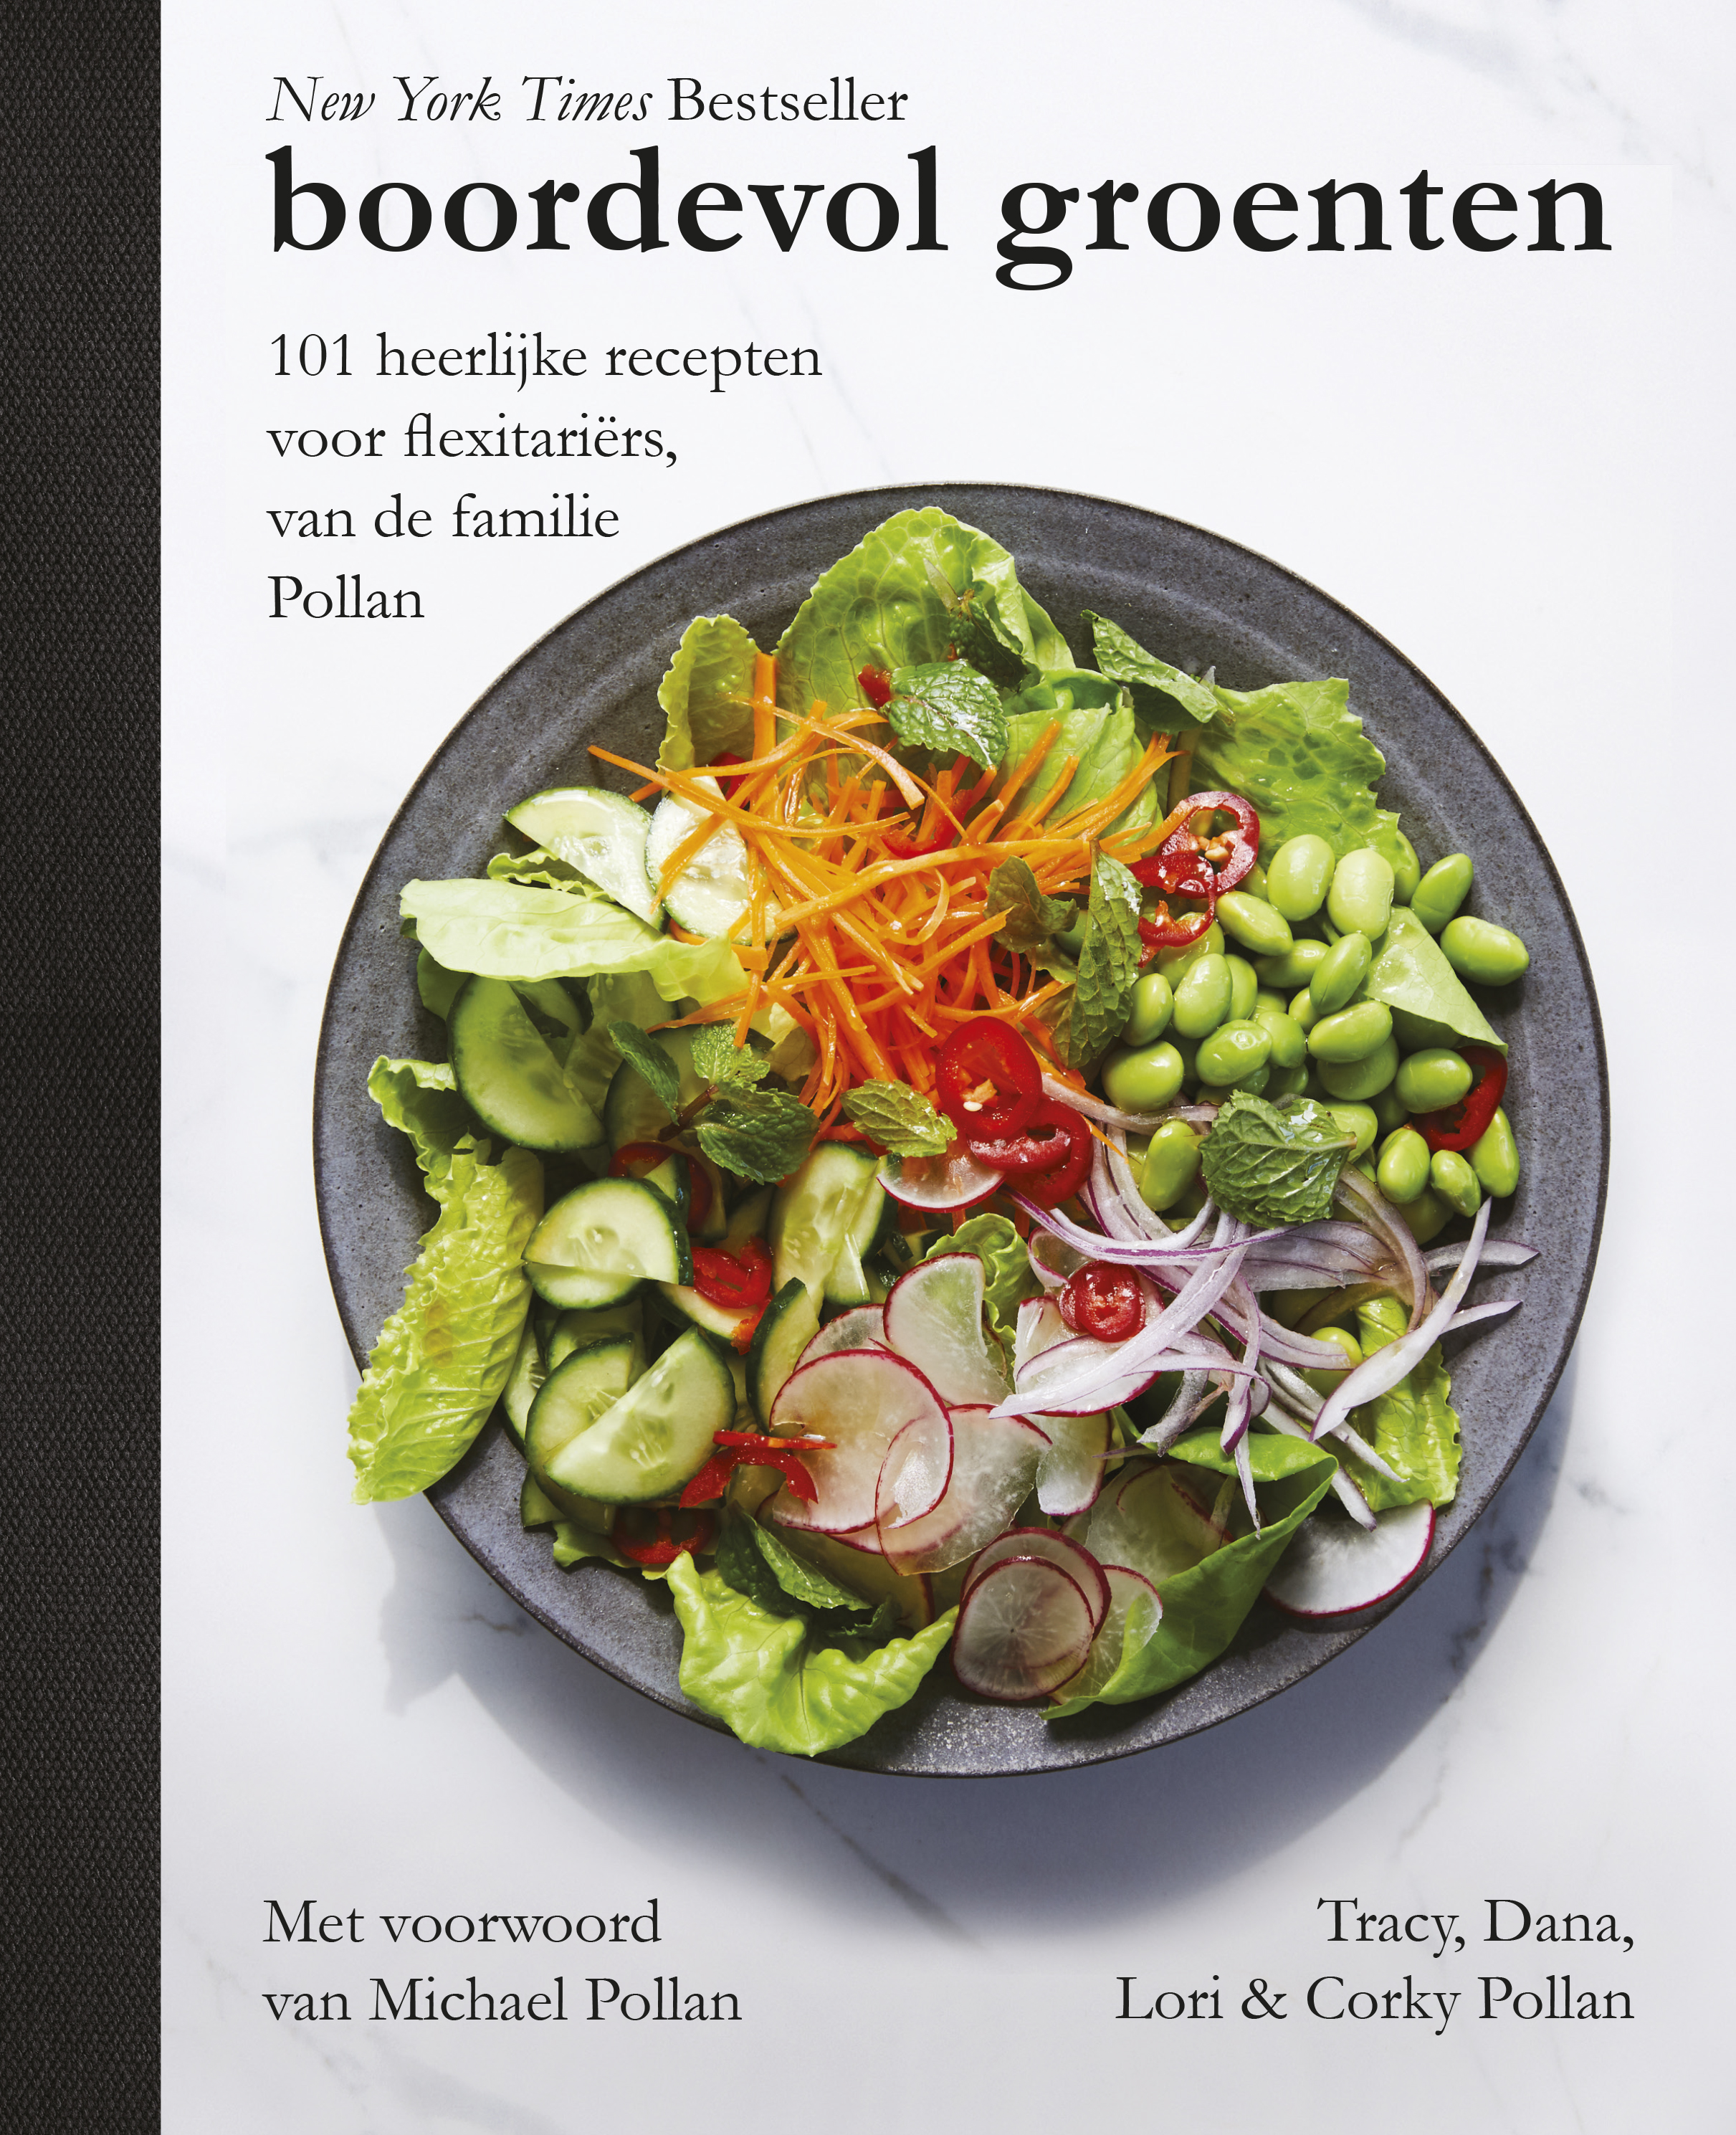 Boordevol groenten + recept voor buffalo bloemkoolwings